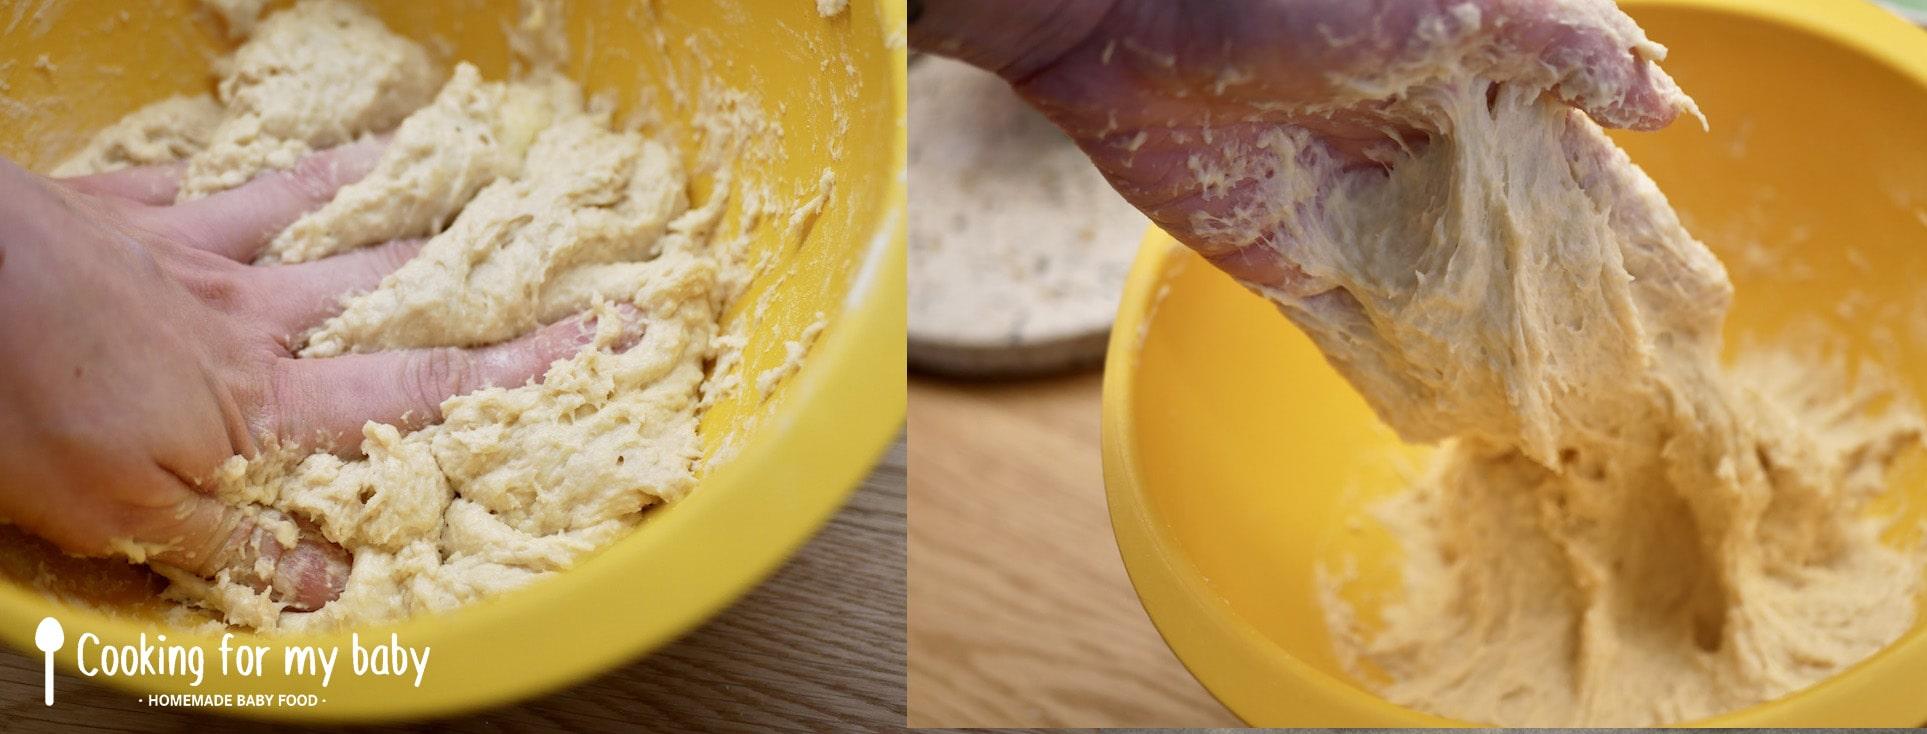 Pétrissage de la pâte à pains burgers moelleux à la maison